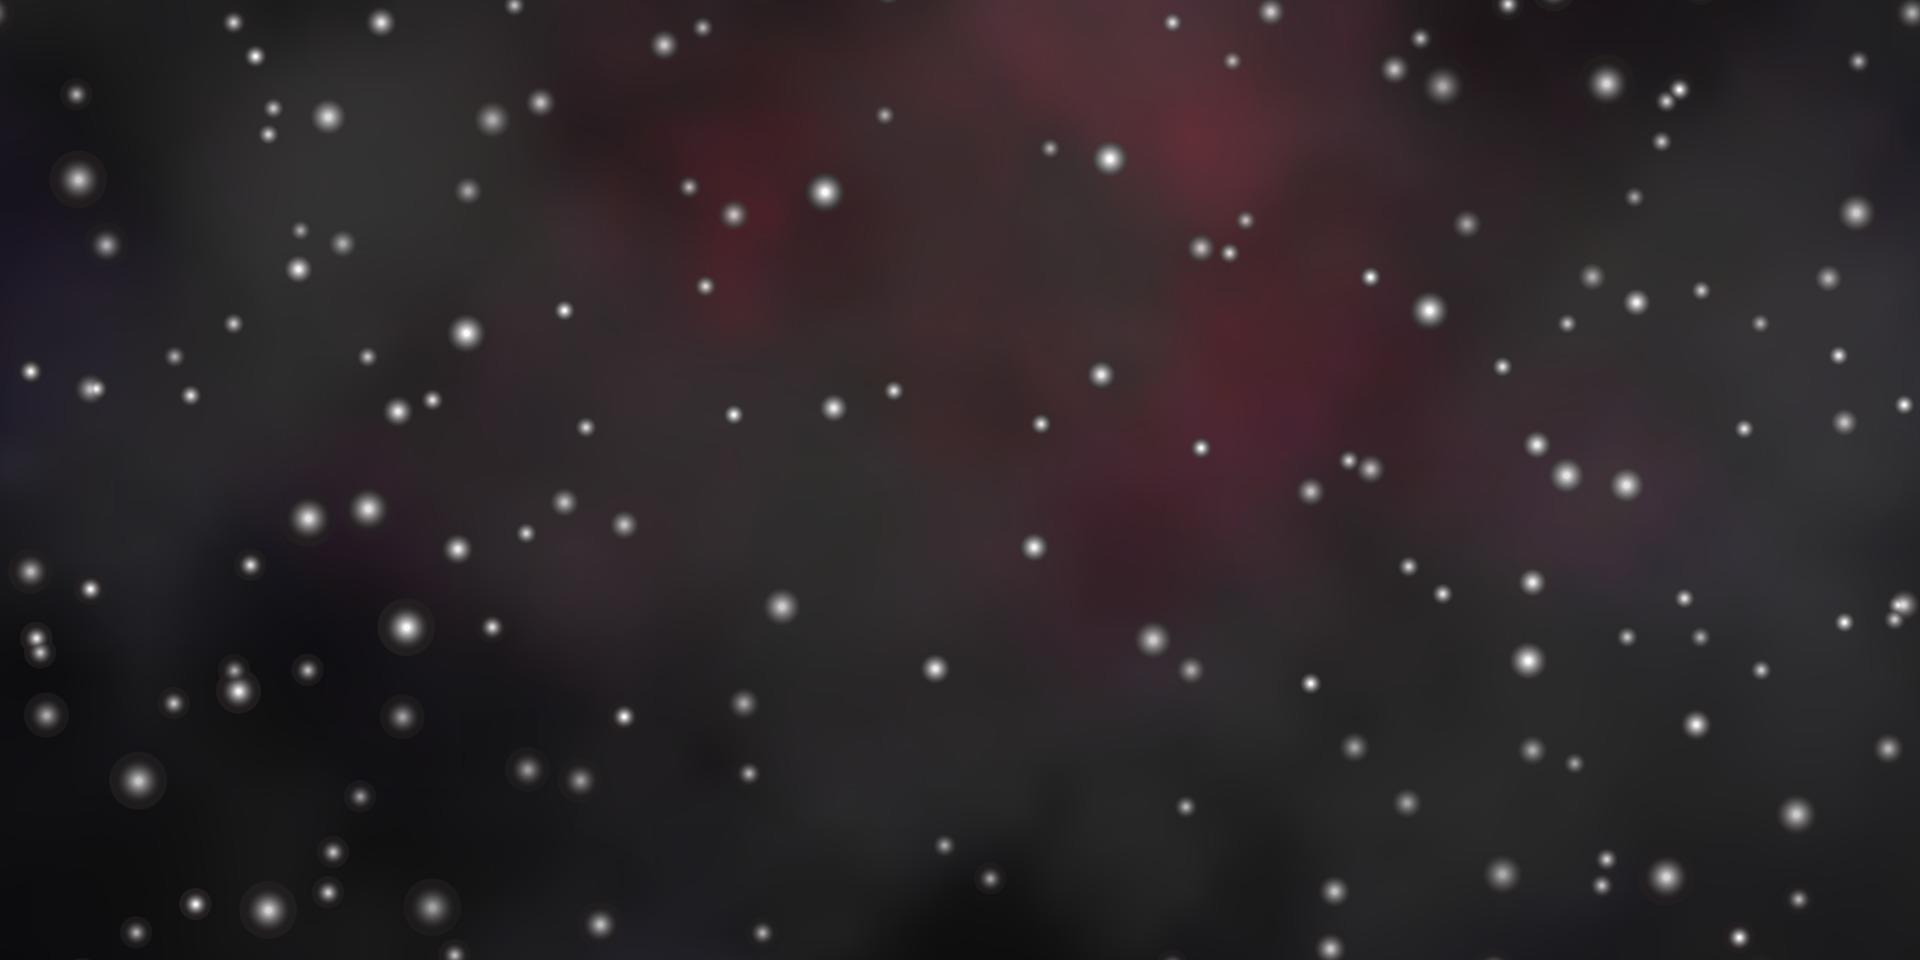 mörkrosa vektorlayout med ljusa stjärnor. vektor